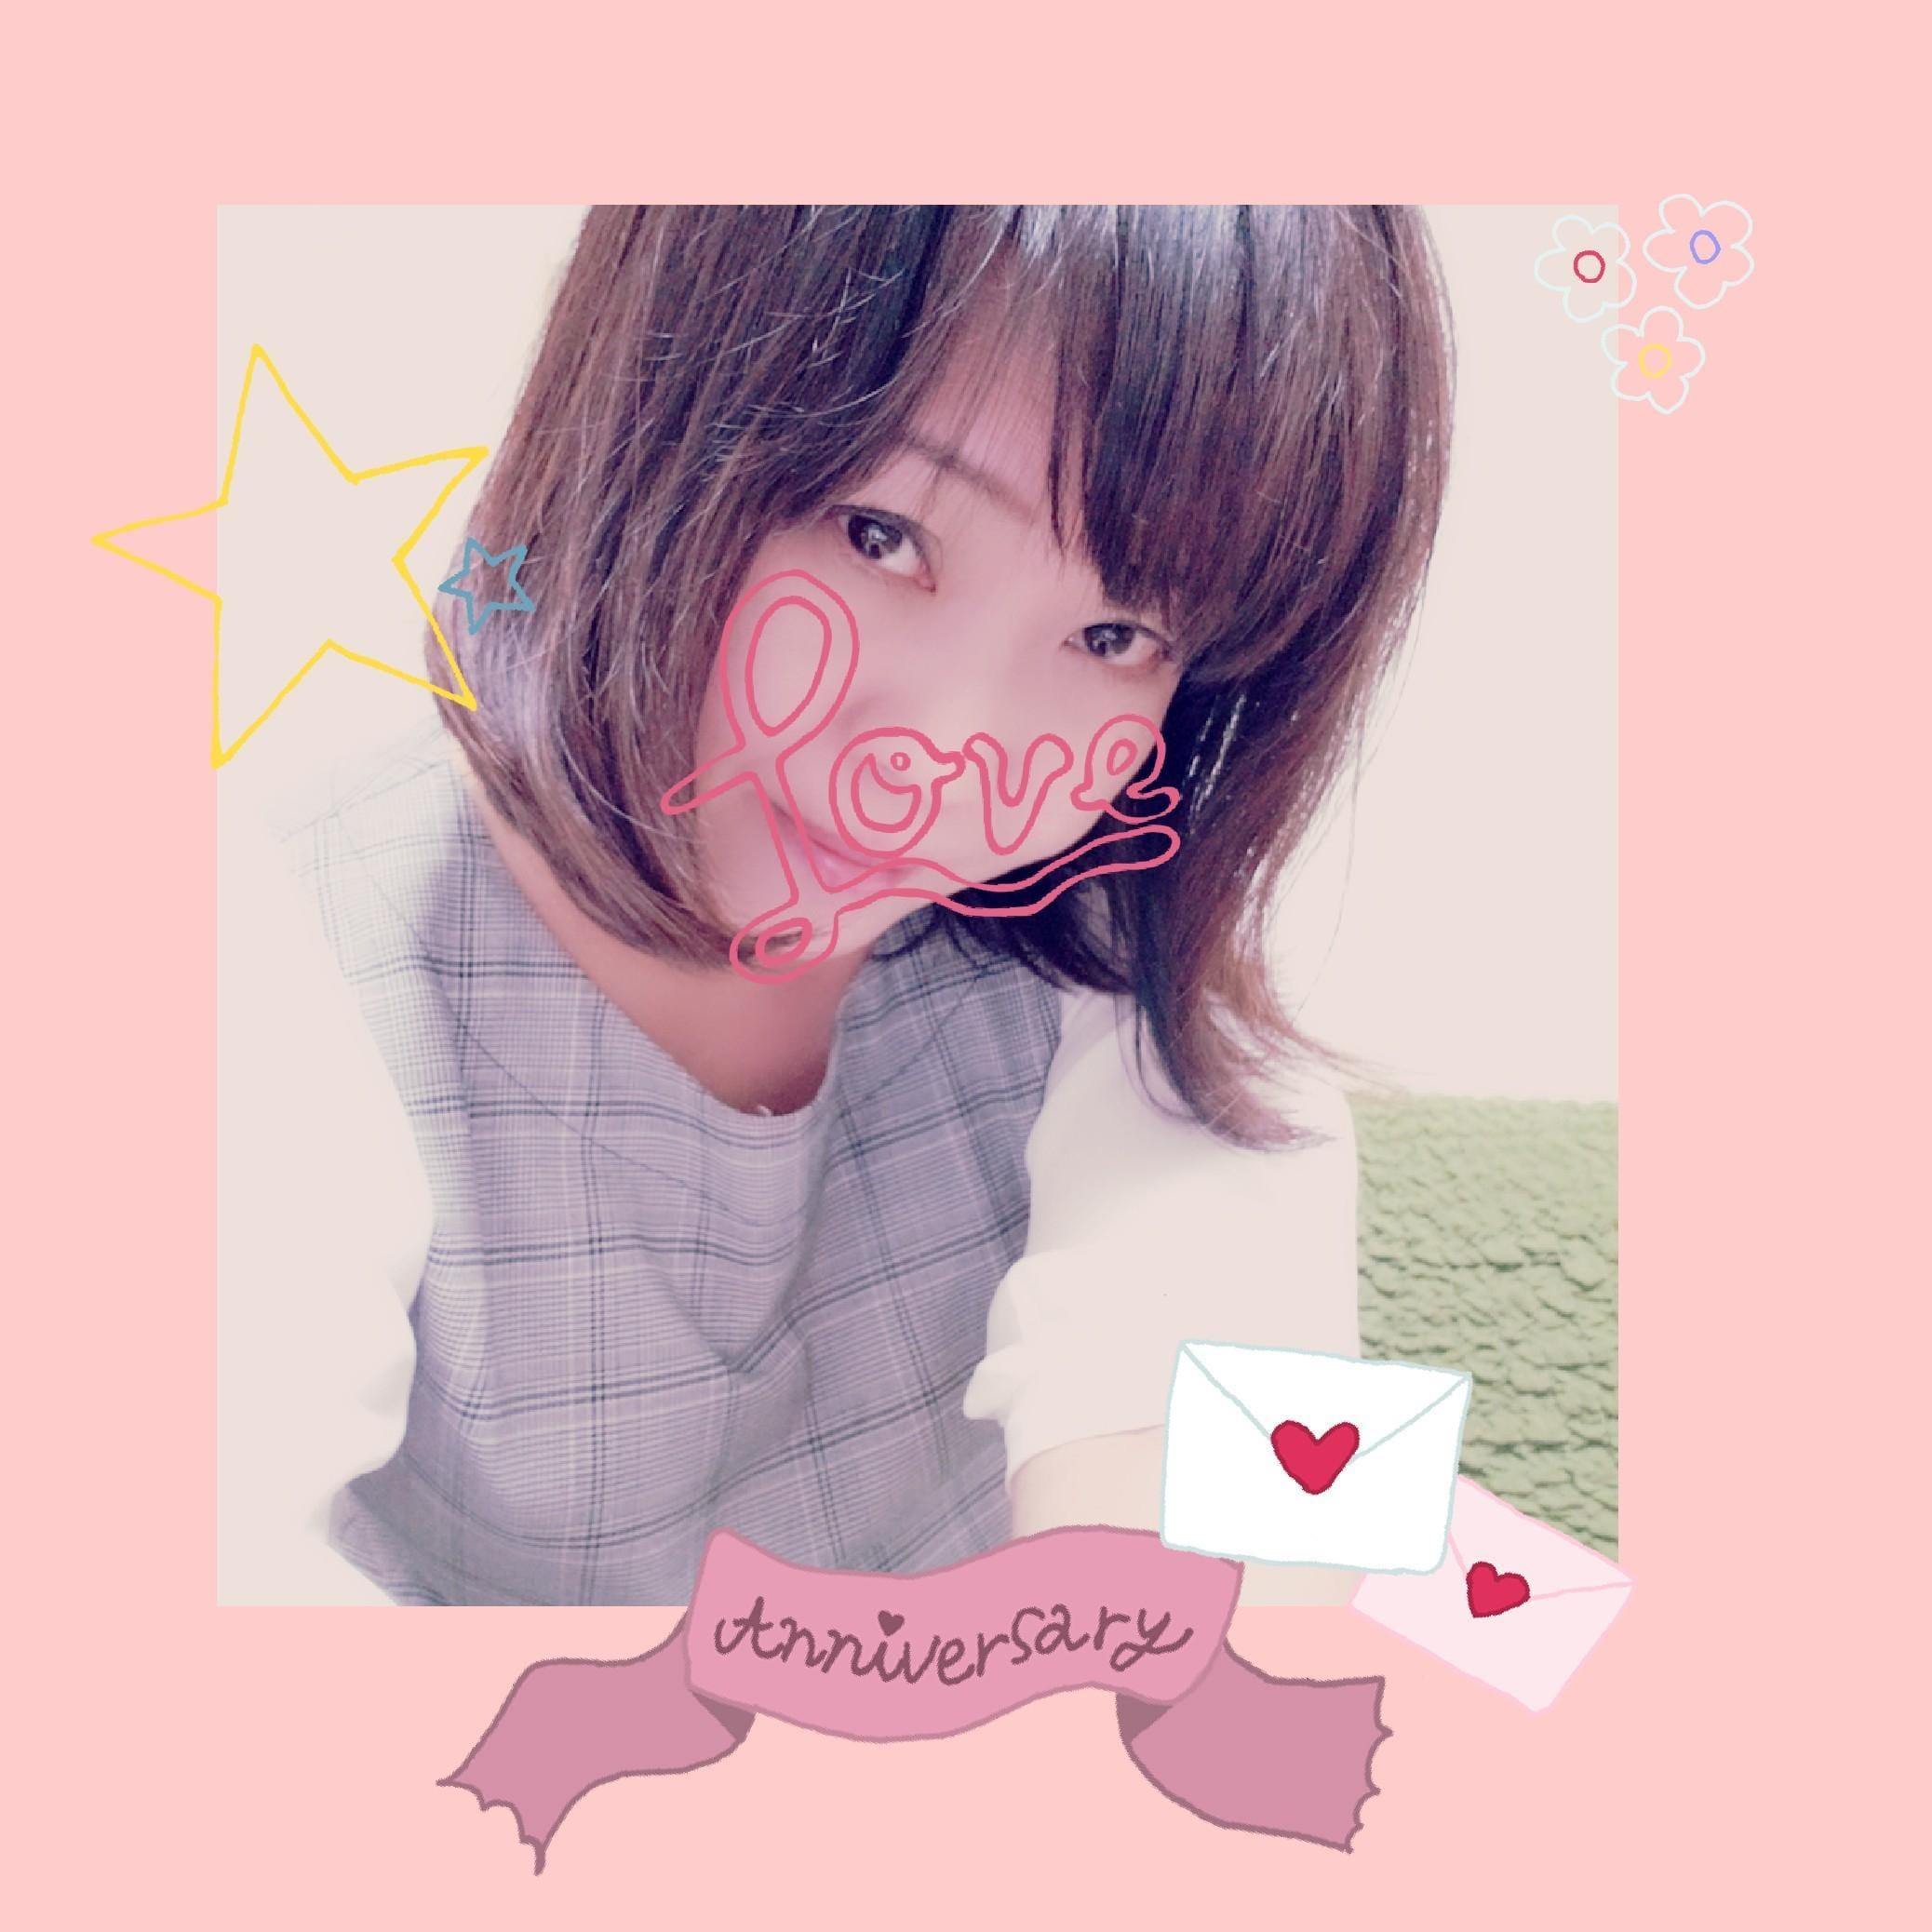 「切りすぎたあ」01/22(火) 20:27   ゆいの写メ・風俗動画